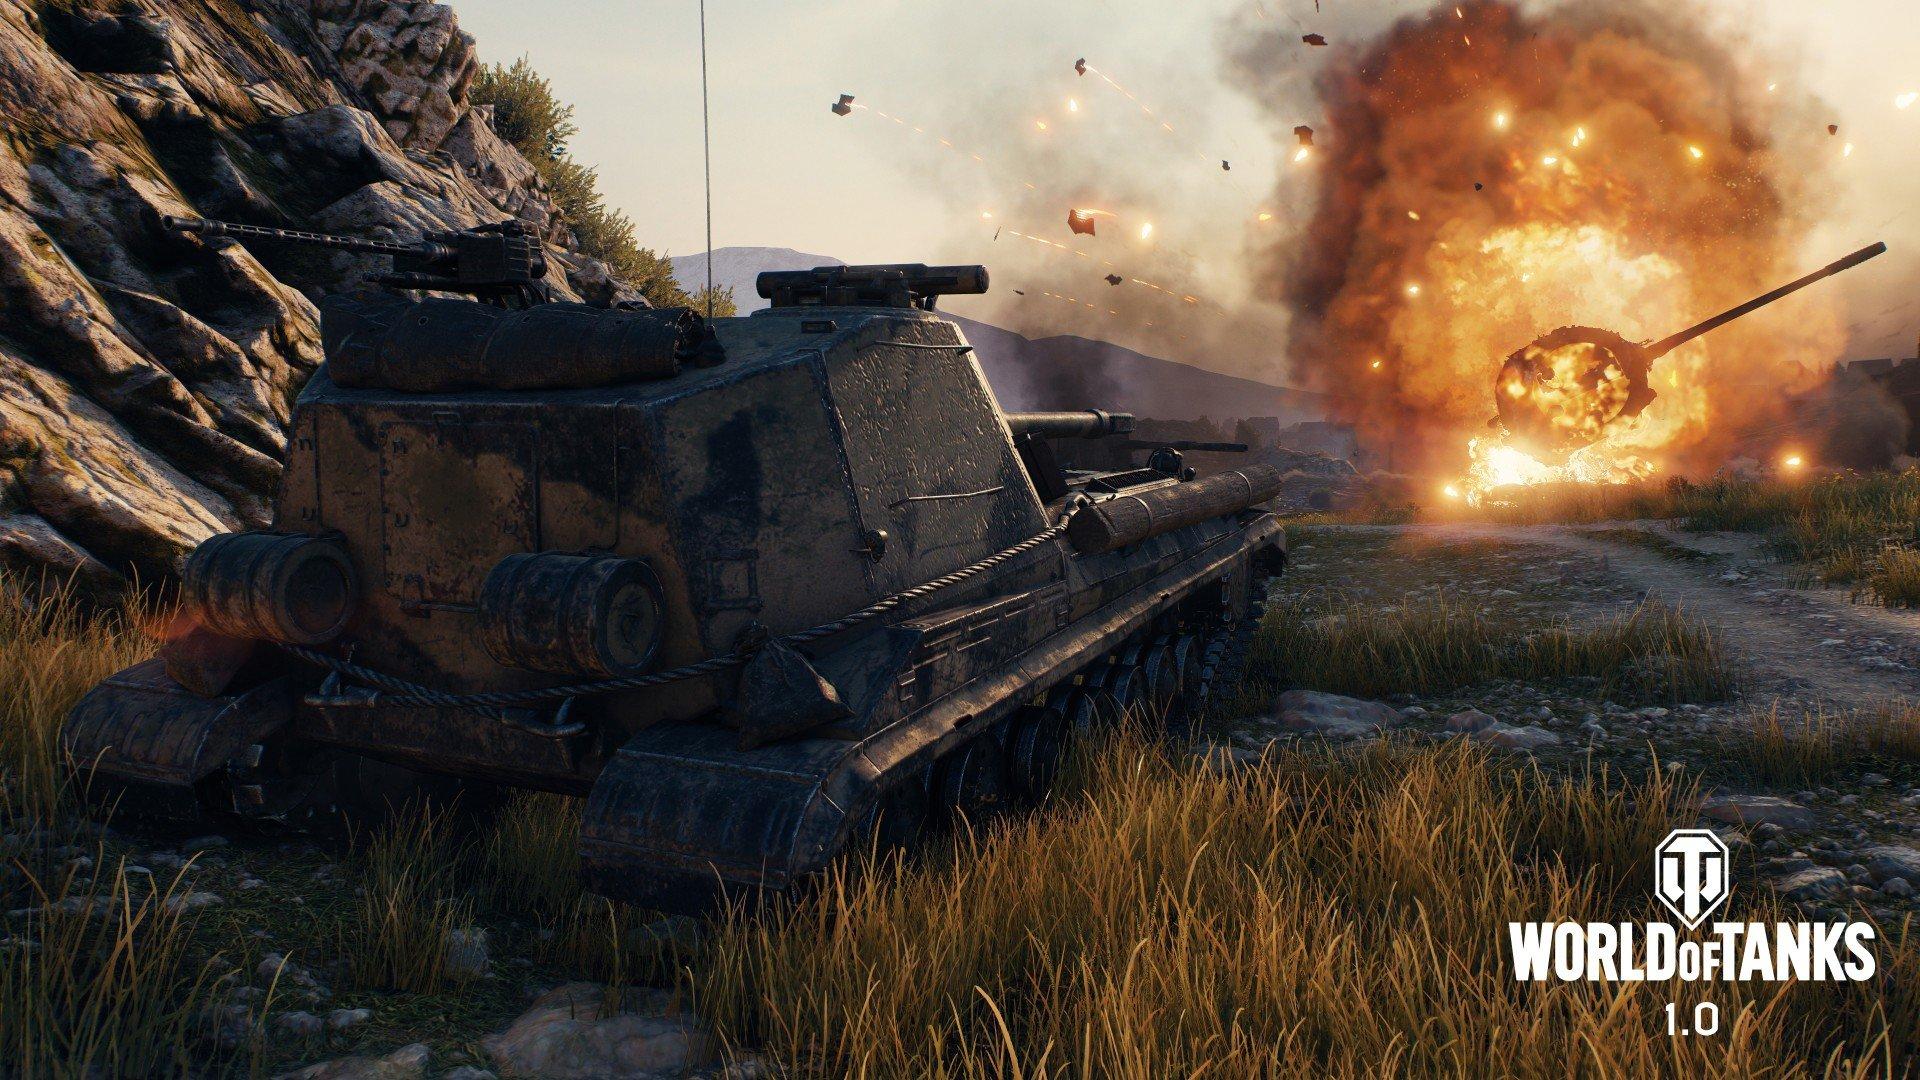 World of Tanks: Update 1.0 – Screenshots